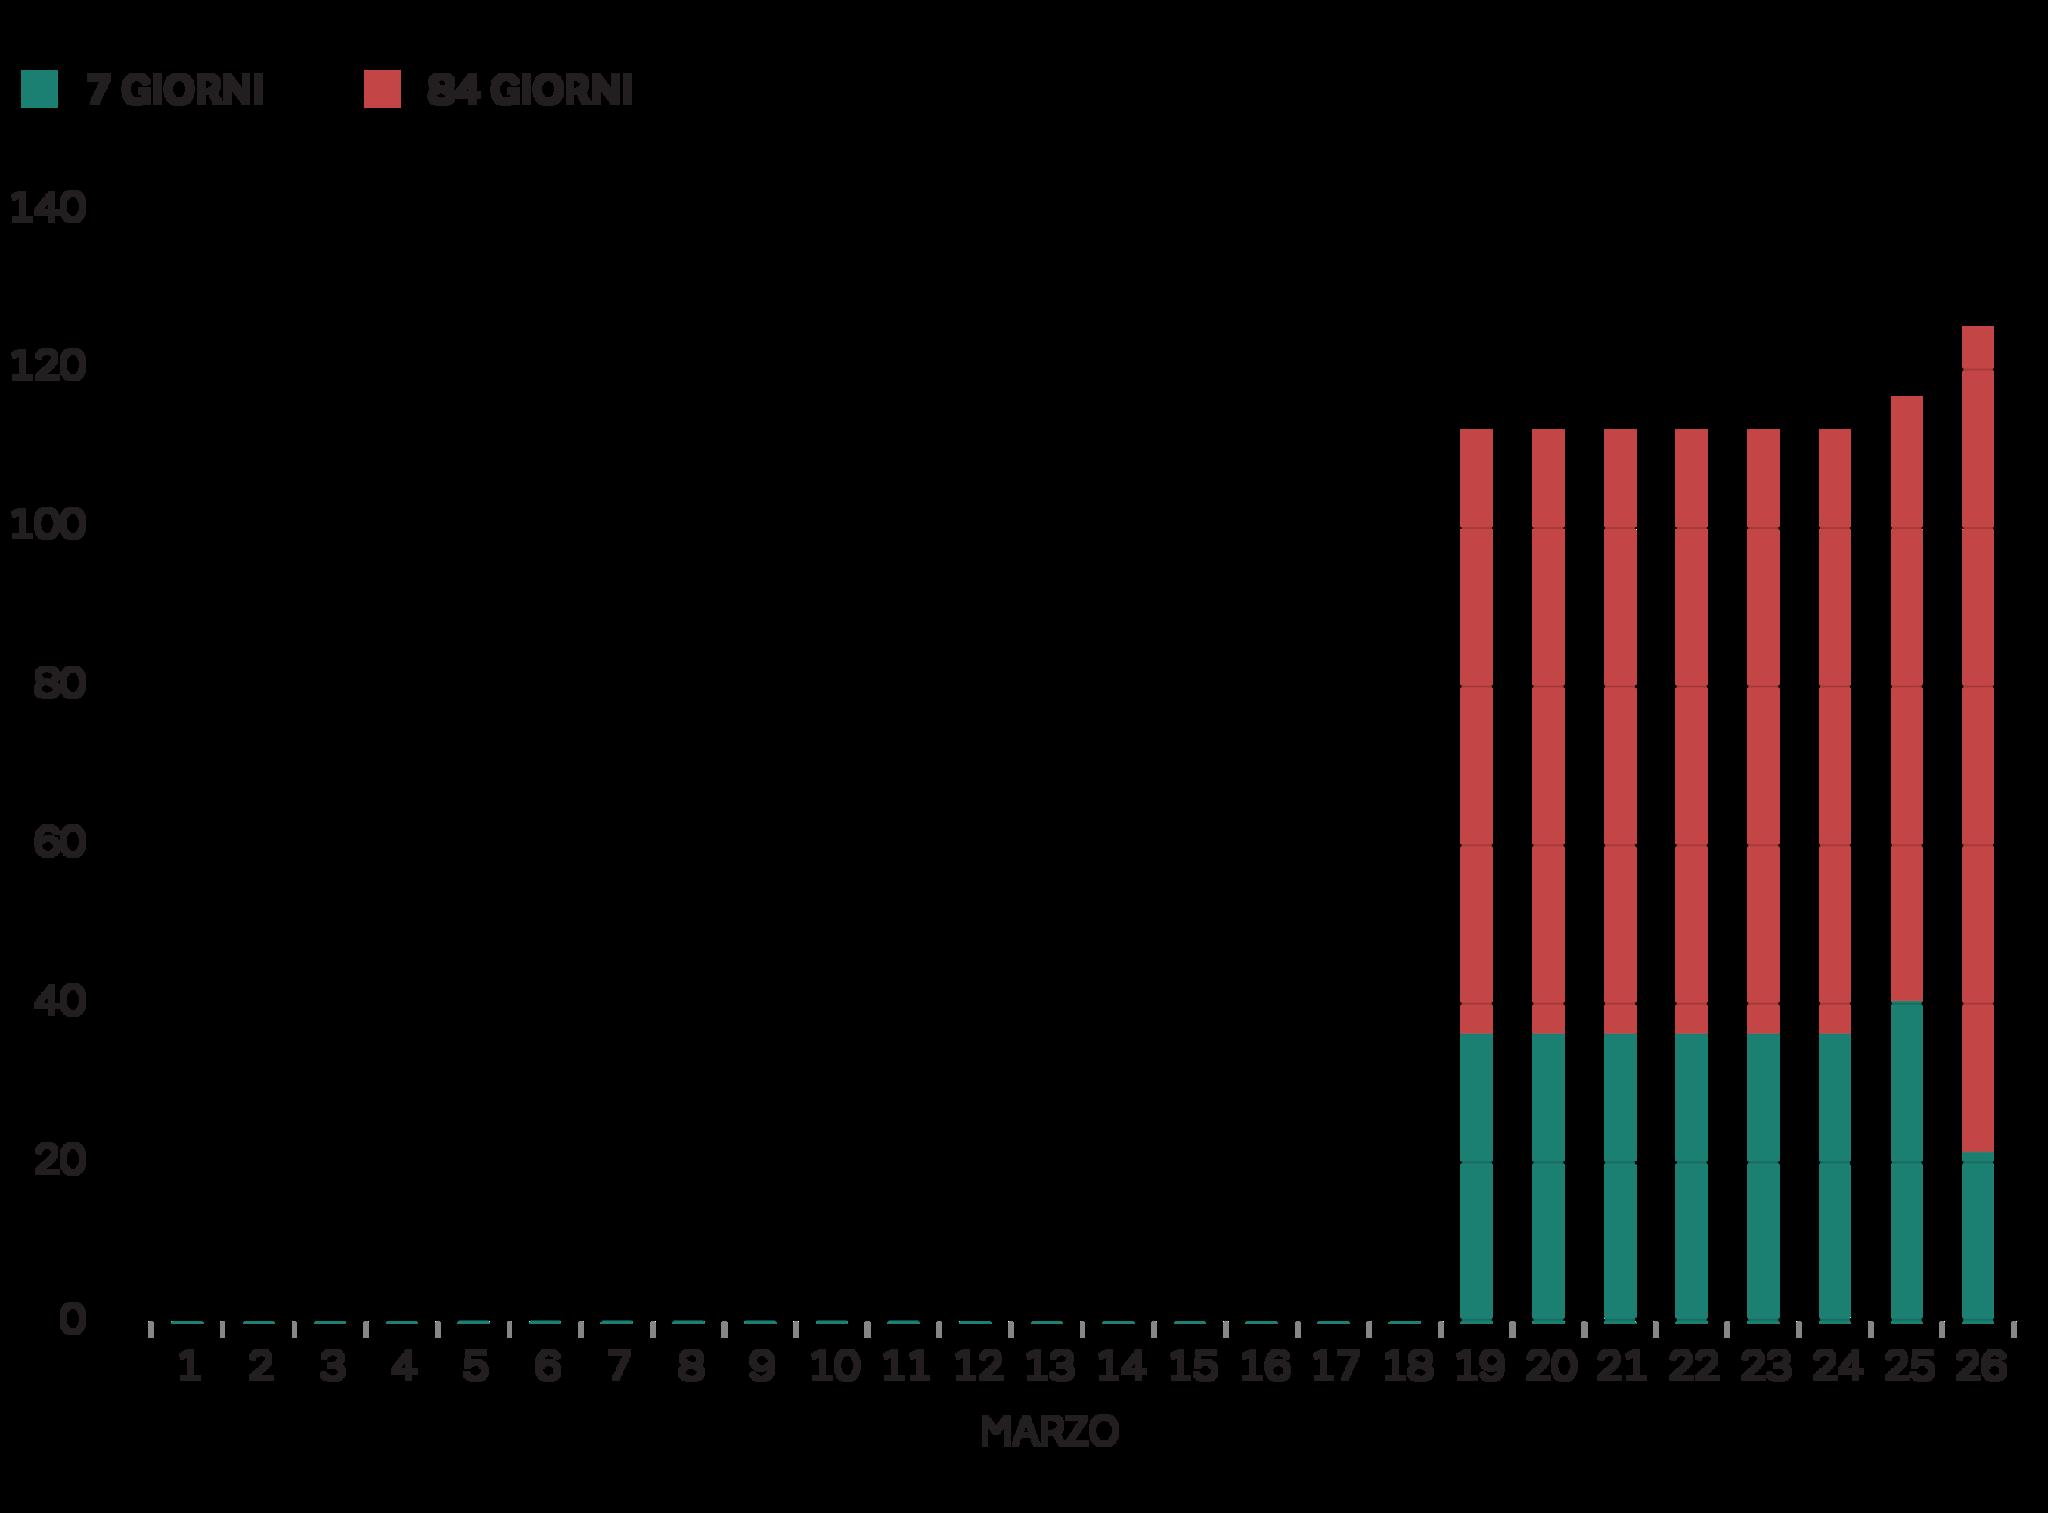 AMMONTARE IN ESSERE DELLE OPERAZIONI PRONTI CONTRO TERMINE DELL'EURO-SISTEMA PER FORNIRE DOLLARI ALLE BANCHE DOMESTICHE - MARZO 2020